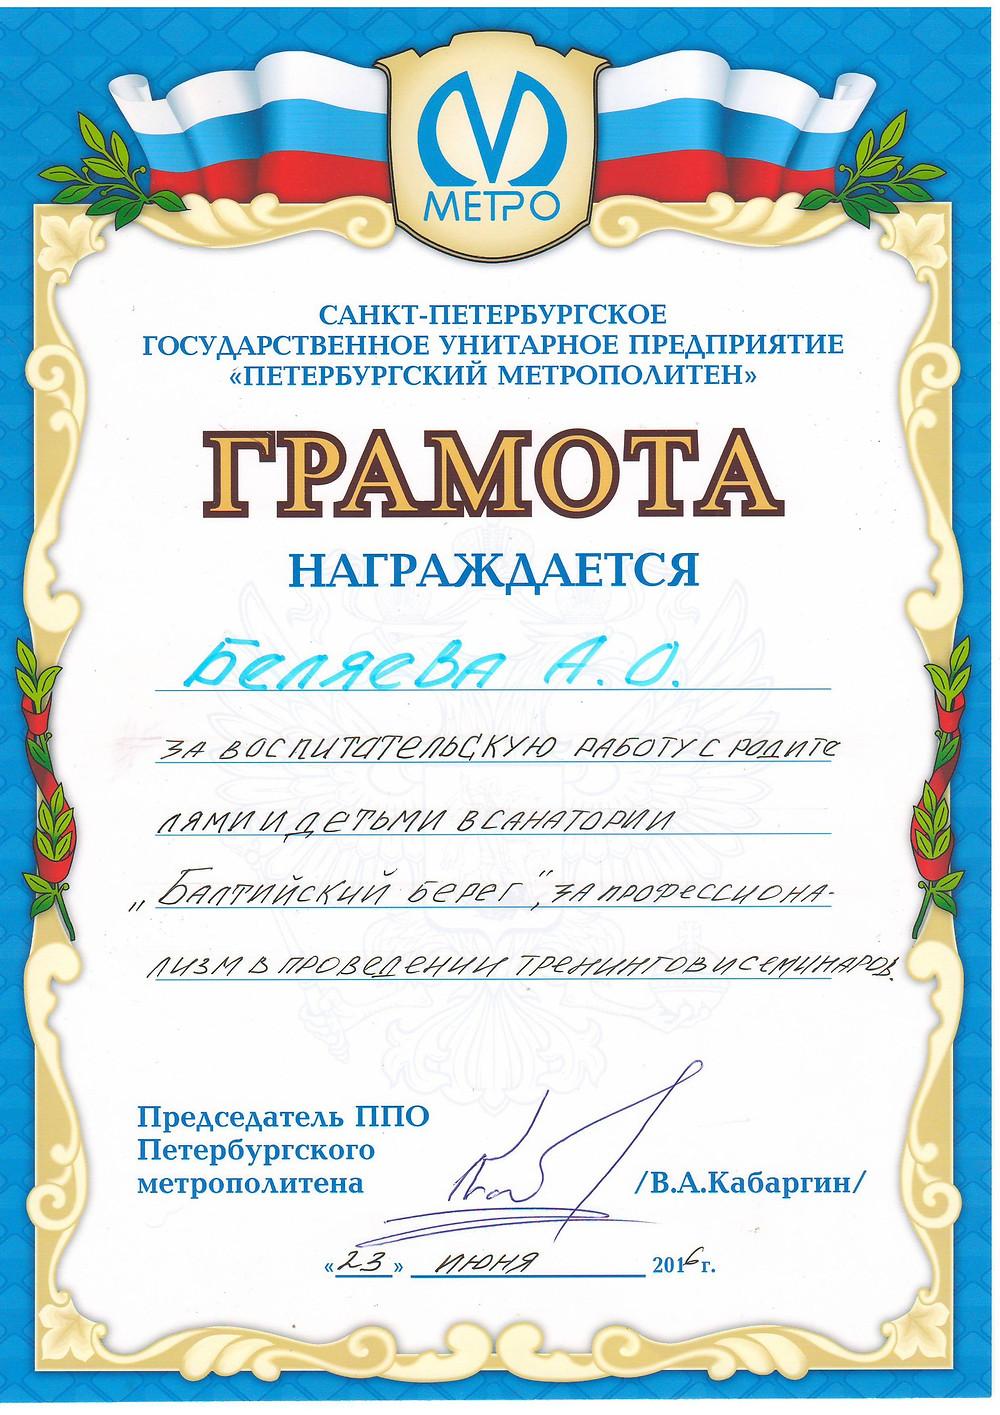 """Семинары и тренинги в санатории """"Балтийский берег"""""""